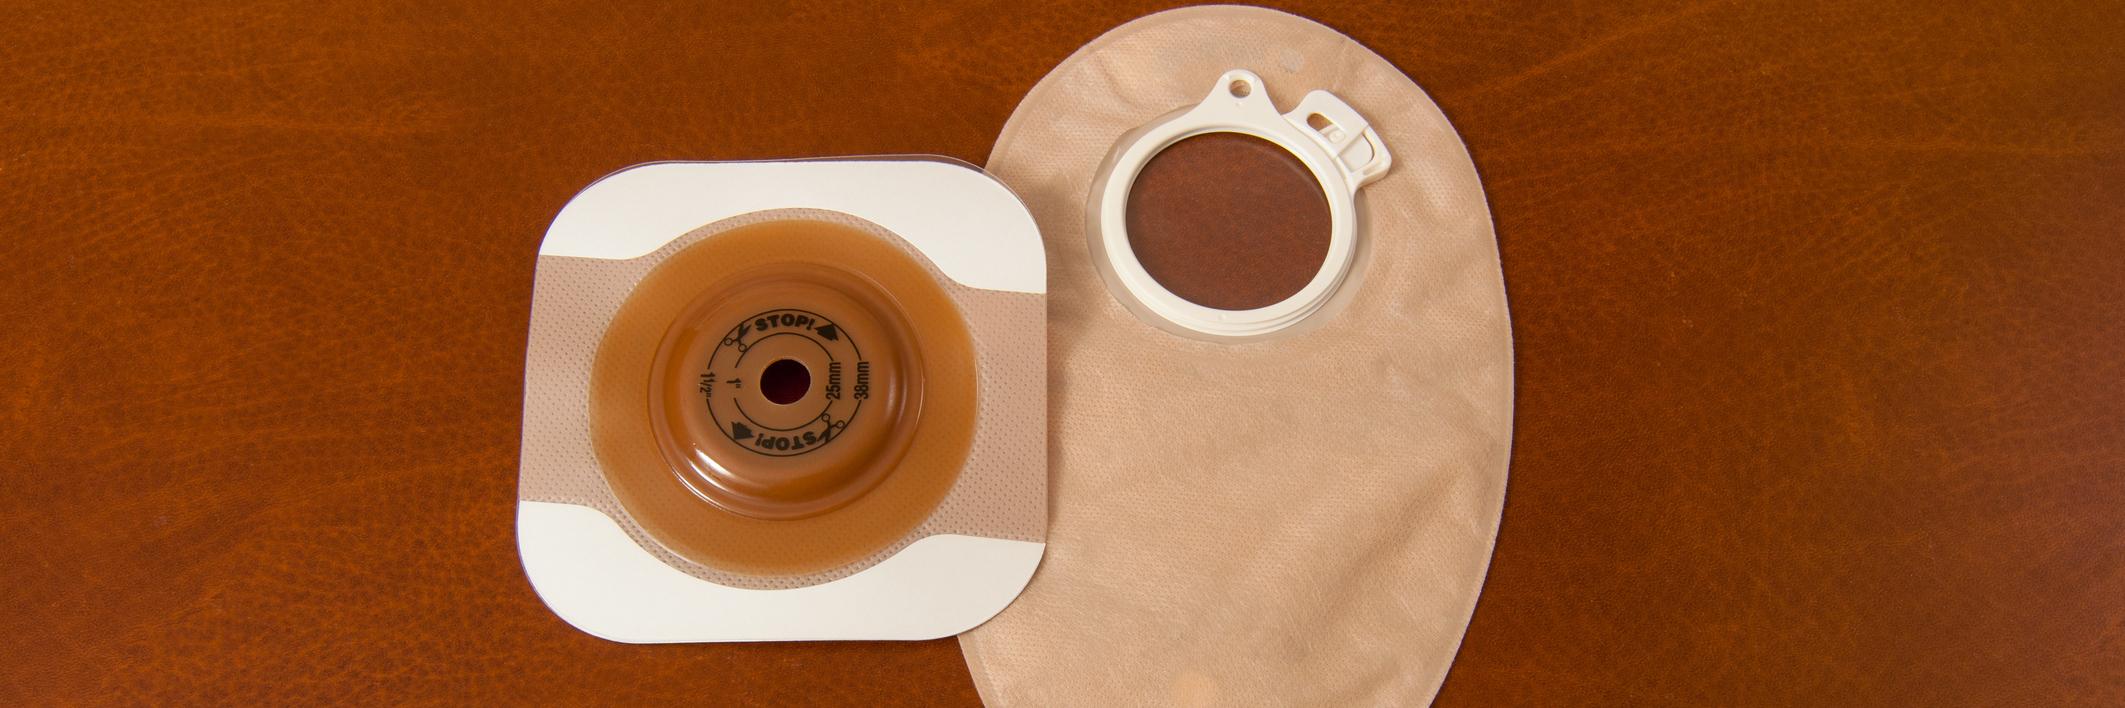 stoma bag